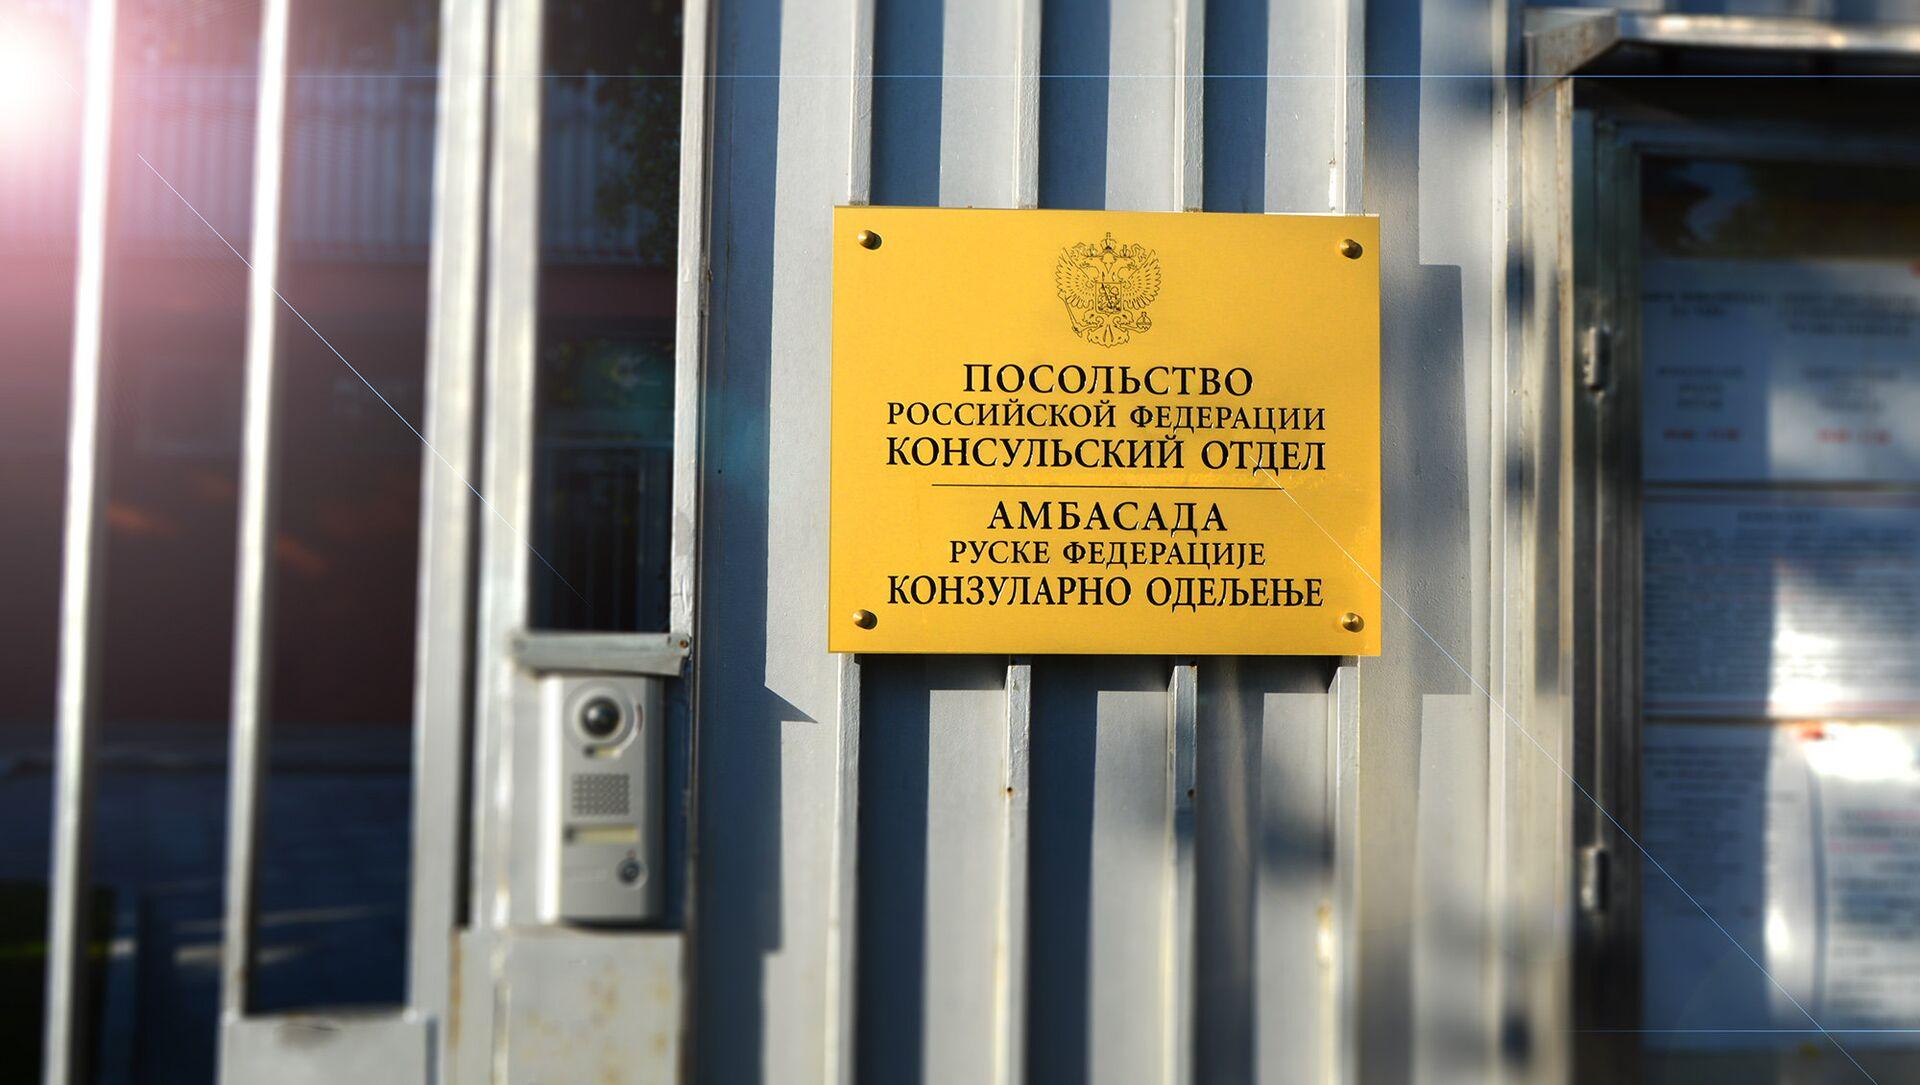 Амбасада Русије у Београду - Sputnik Србија, 1920, 24.03.2021